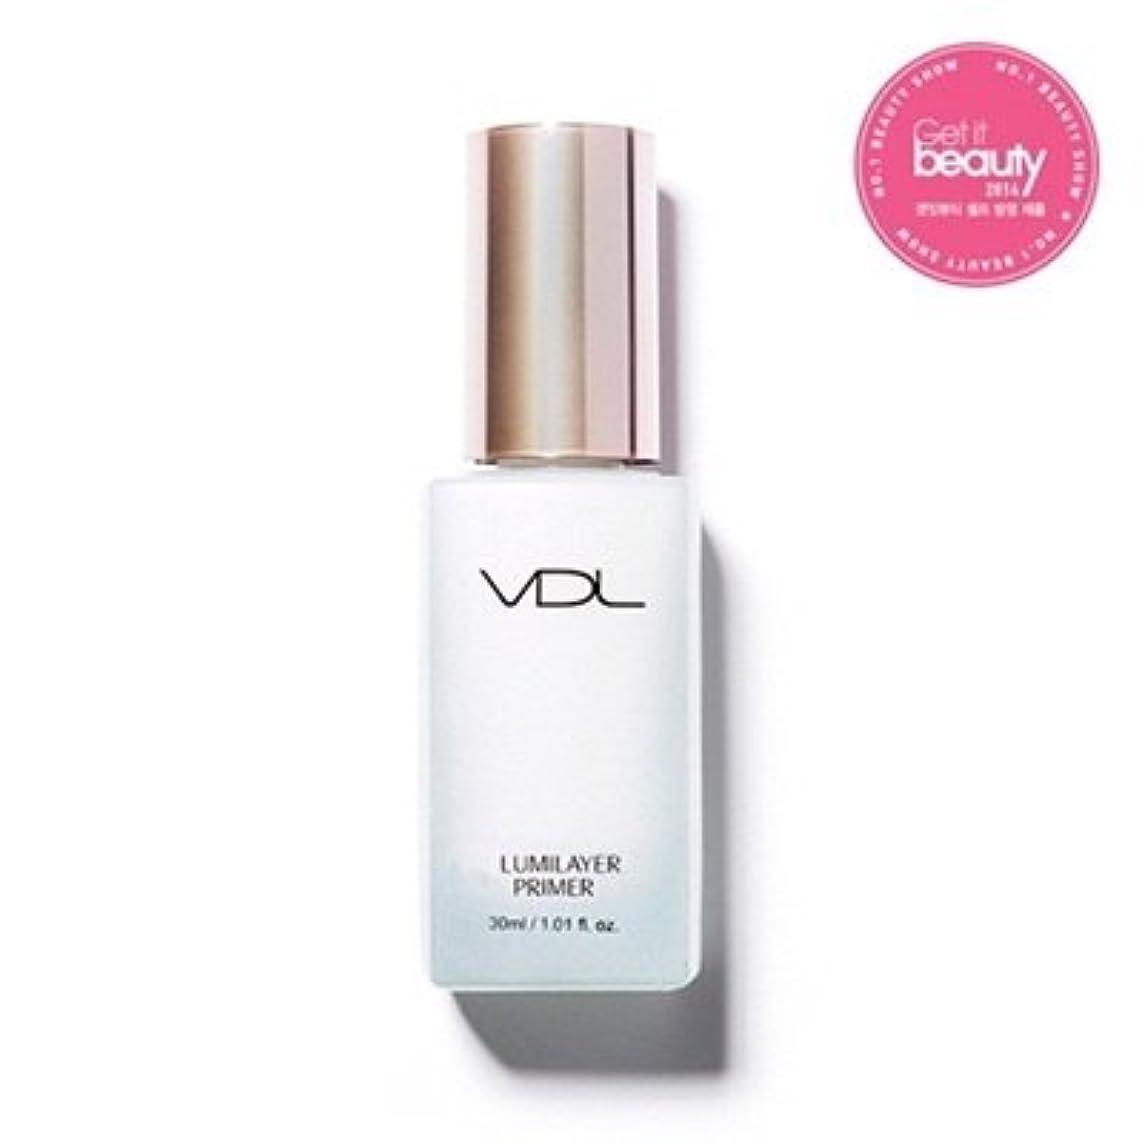 ブイディーエル ルミレイヤープライマー /VDL Lumilayer Primer/100% Authentic from Korea [並行輸入品]